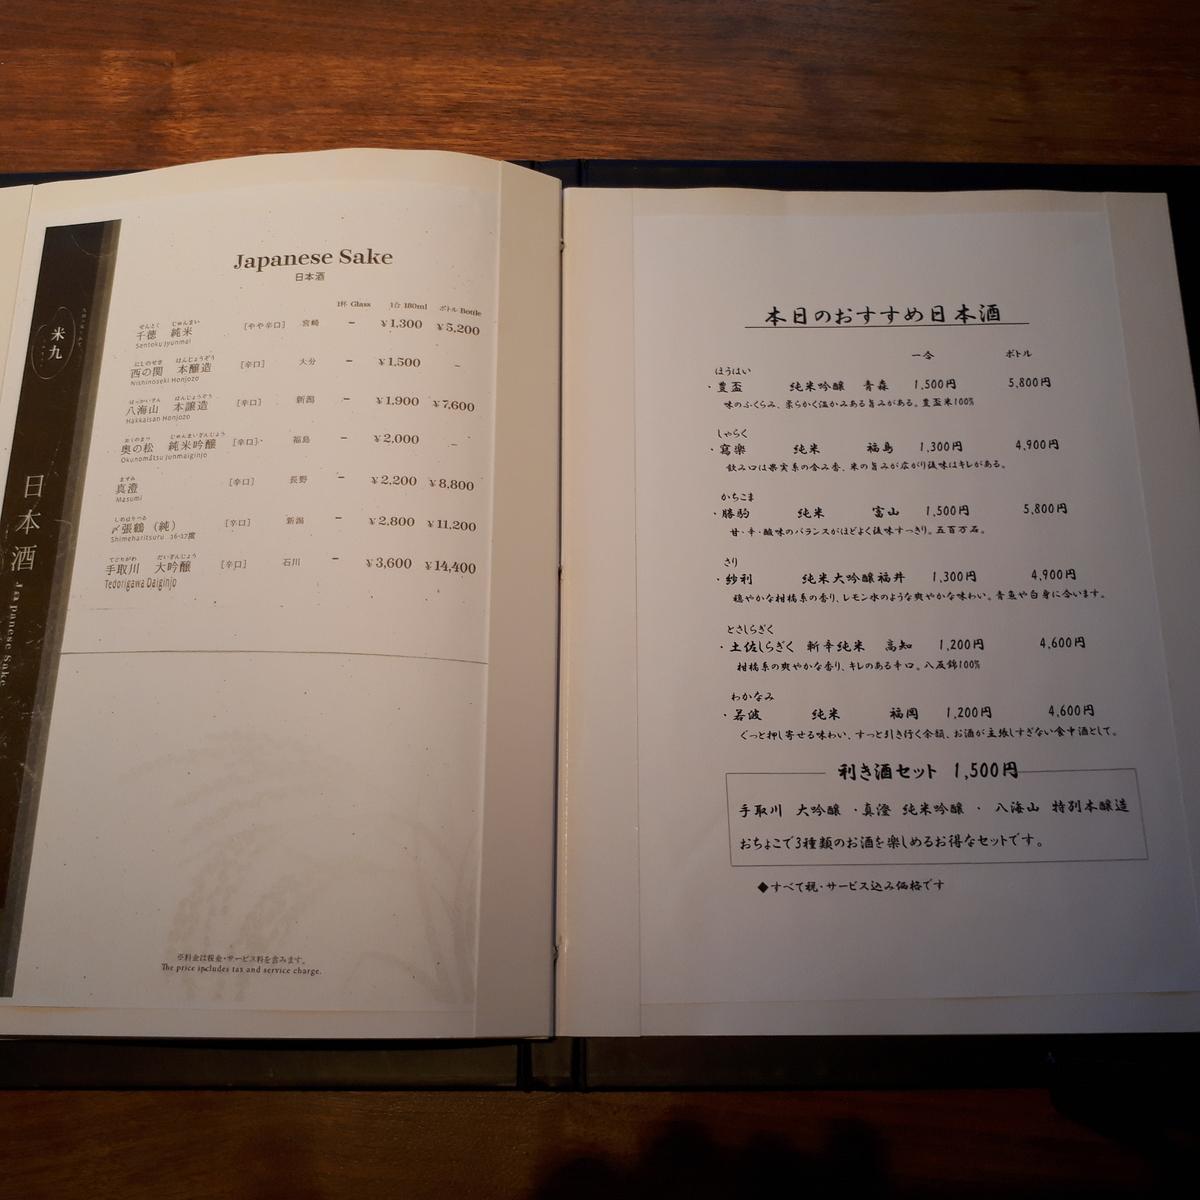 シェラトングランデオーシャンリゾート 米九 ドリンクメニュー 日本酒